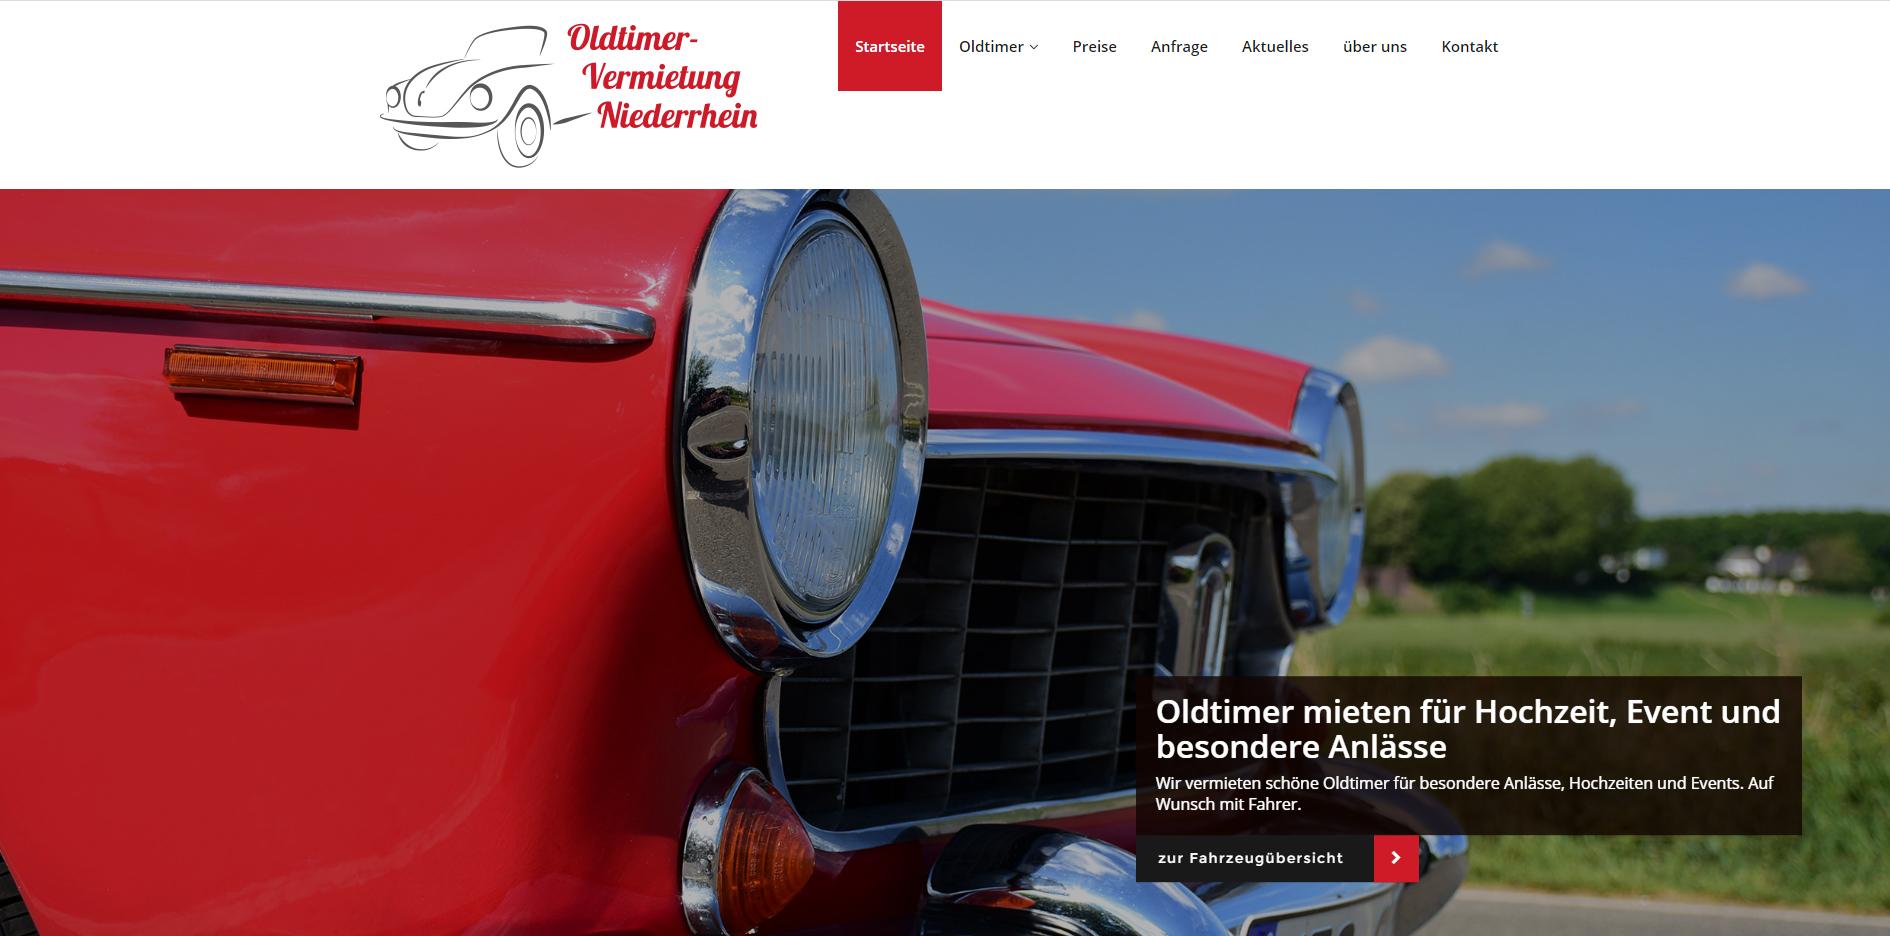 Internetseite in frischem grün mit niedlichen Katzenfotos für eine Katzenpension in Egelsbach